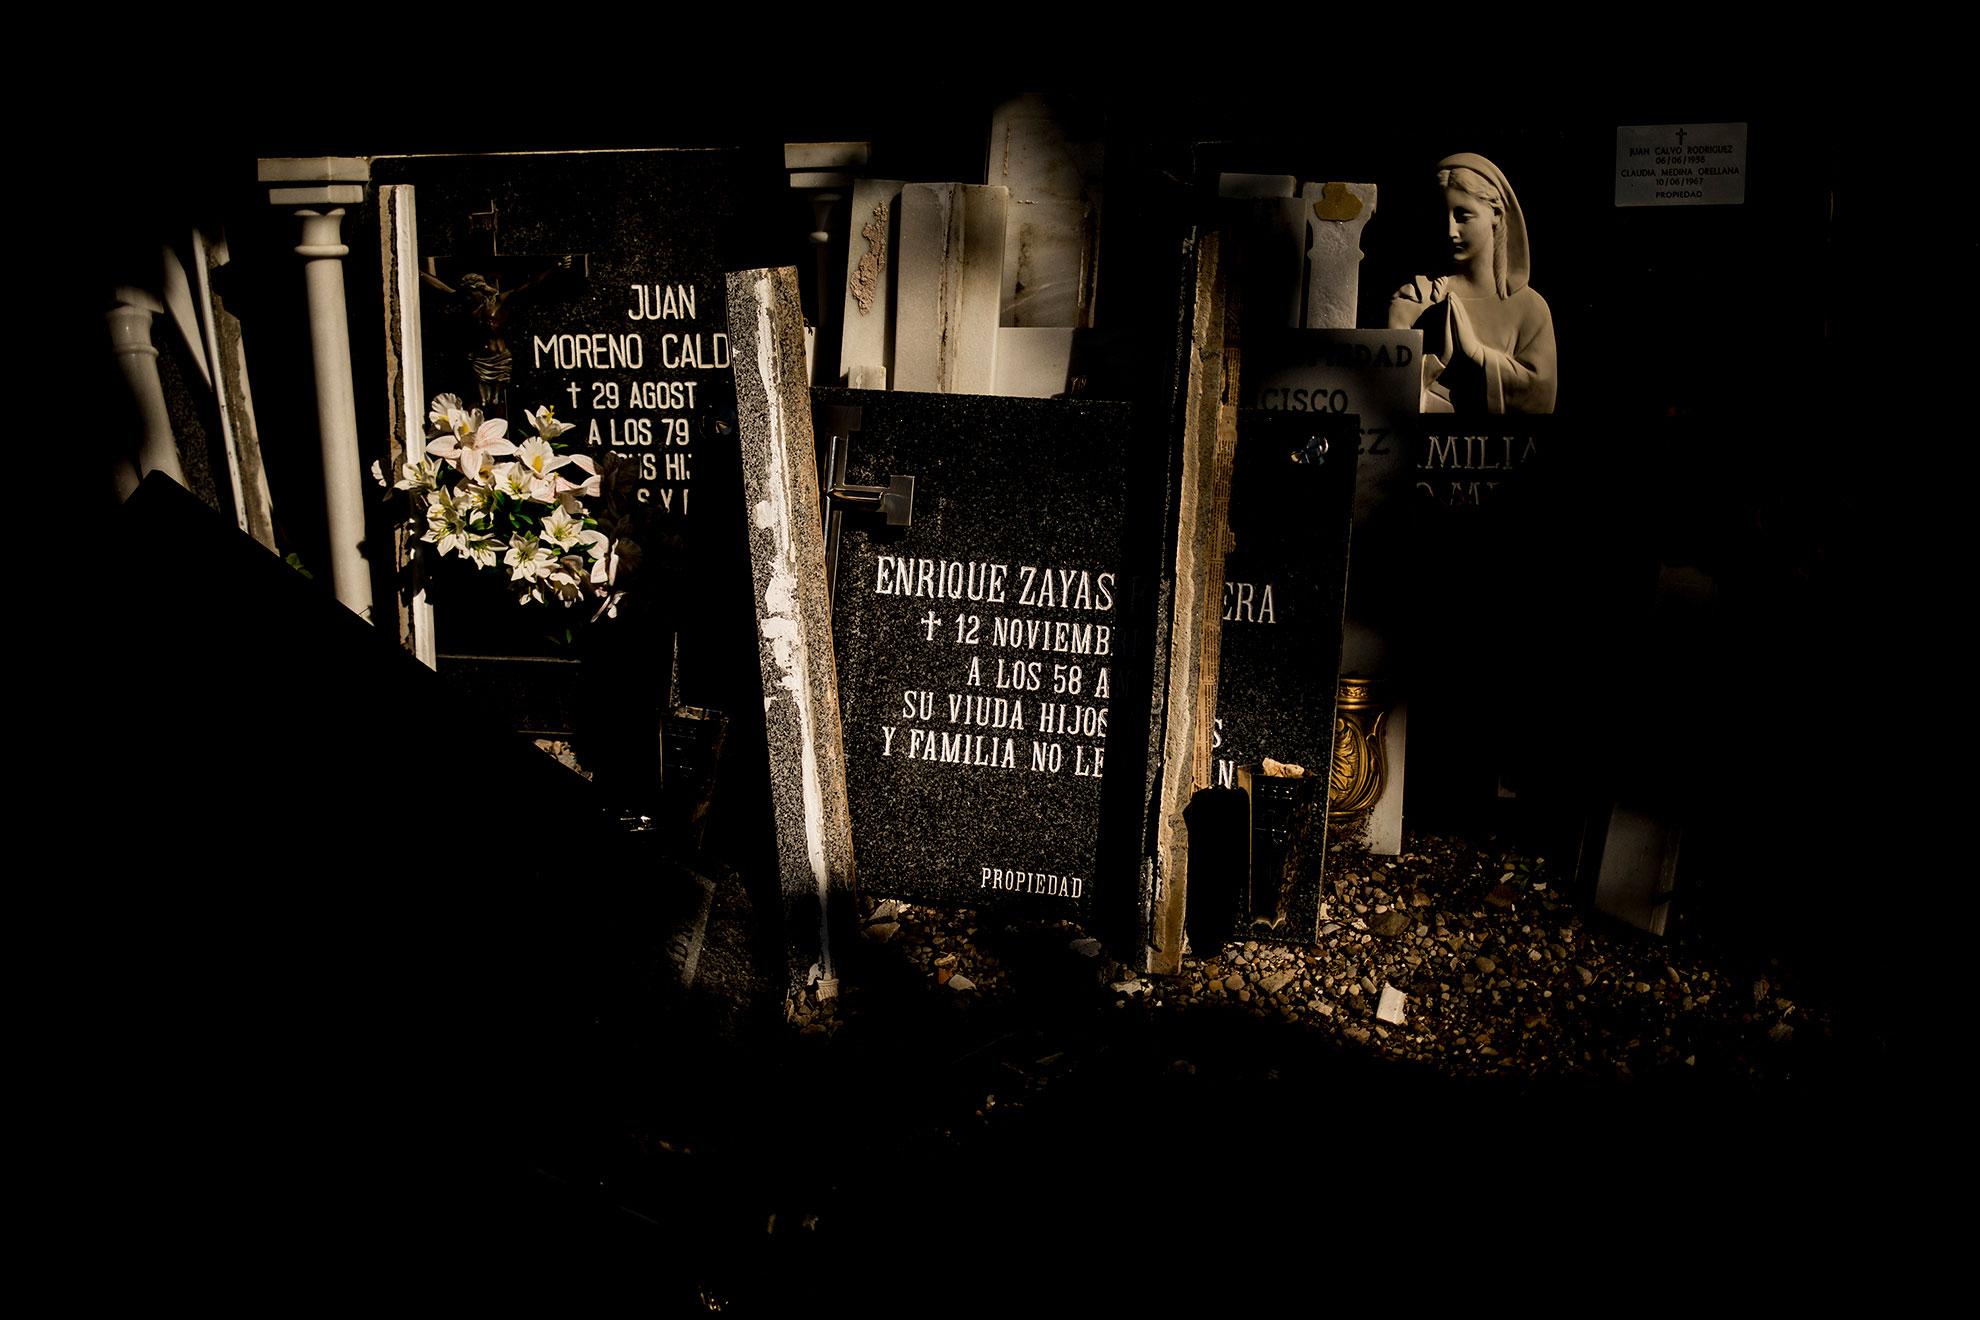 Los casos por coronavirus en España, a punto de cumplirse un mes del estado de alarma, se elevan a 166.019, con un total de 16.972 personas fallecidas. España ostenta el primer puesto europeo en número de contagios y el segundo, tras Italia, en número de muertes producidas por la COVID-19. En la imagen, lápidas retiradas de tumbas y nichos en el cementerio de Jerez, cuyos lugares ocuparán nuevos fallecidos.